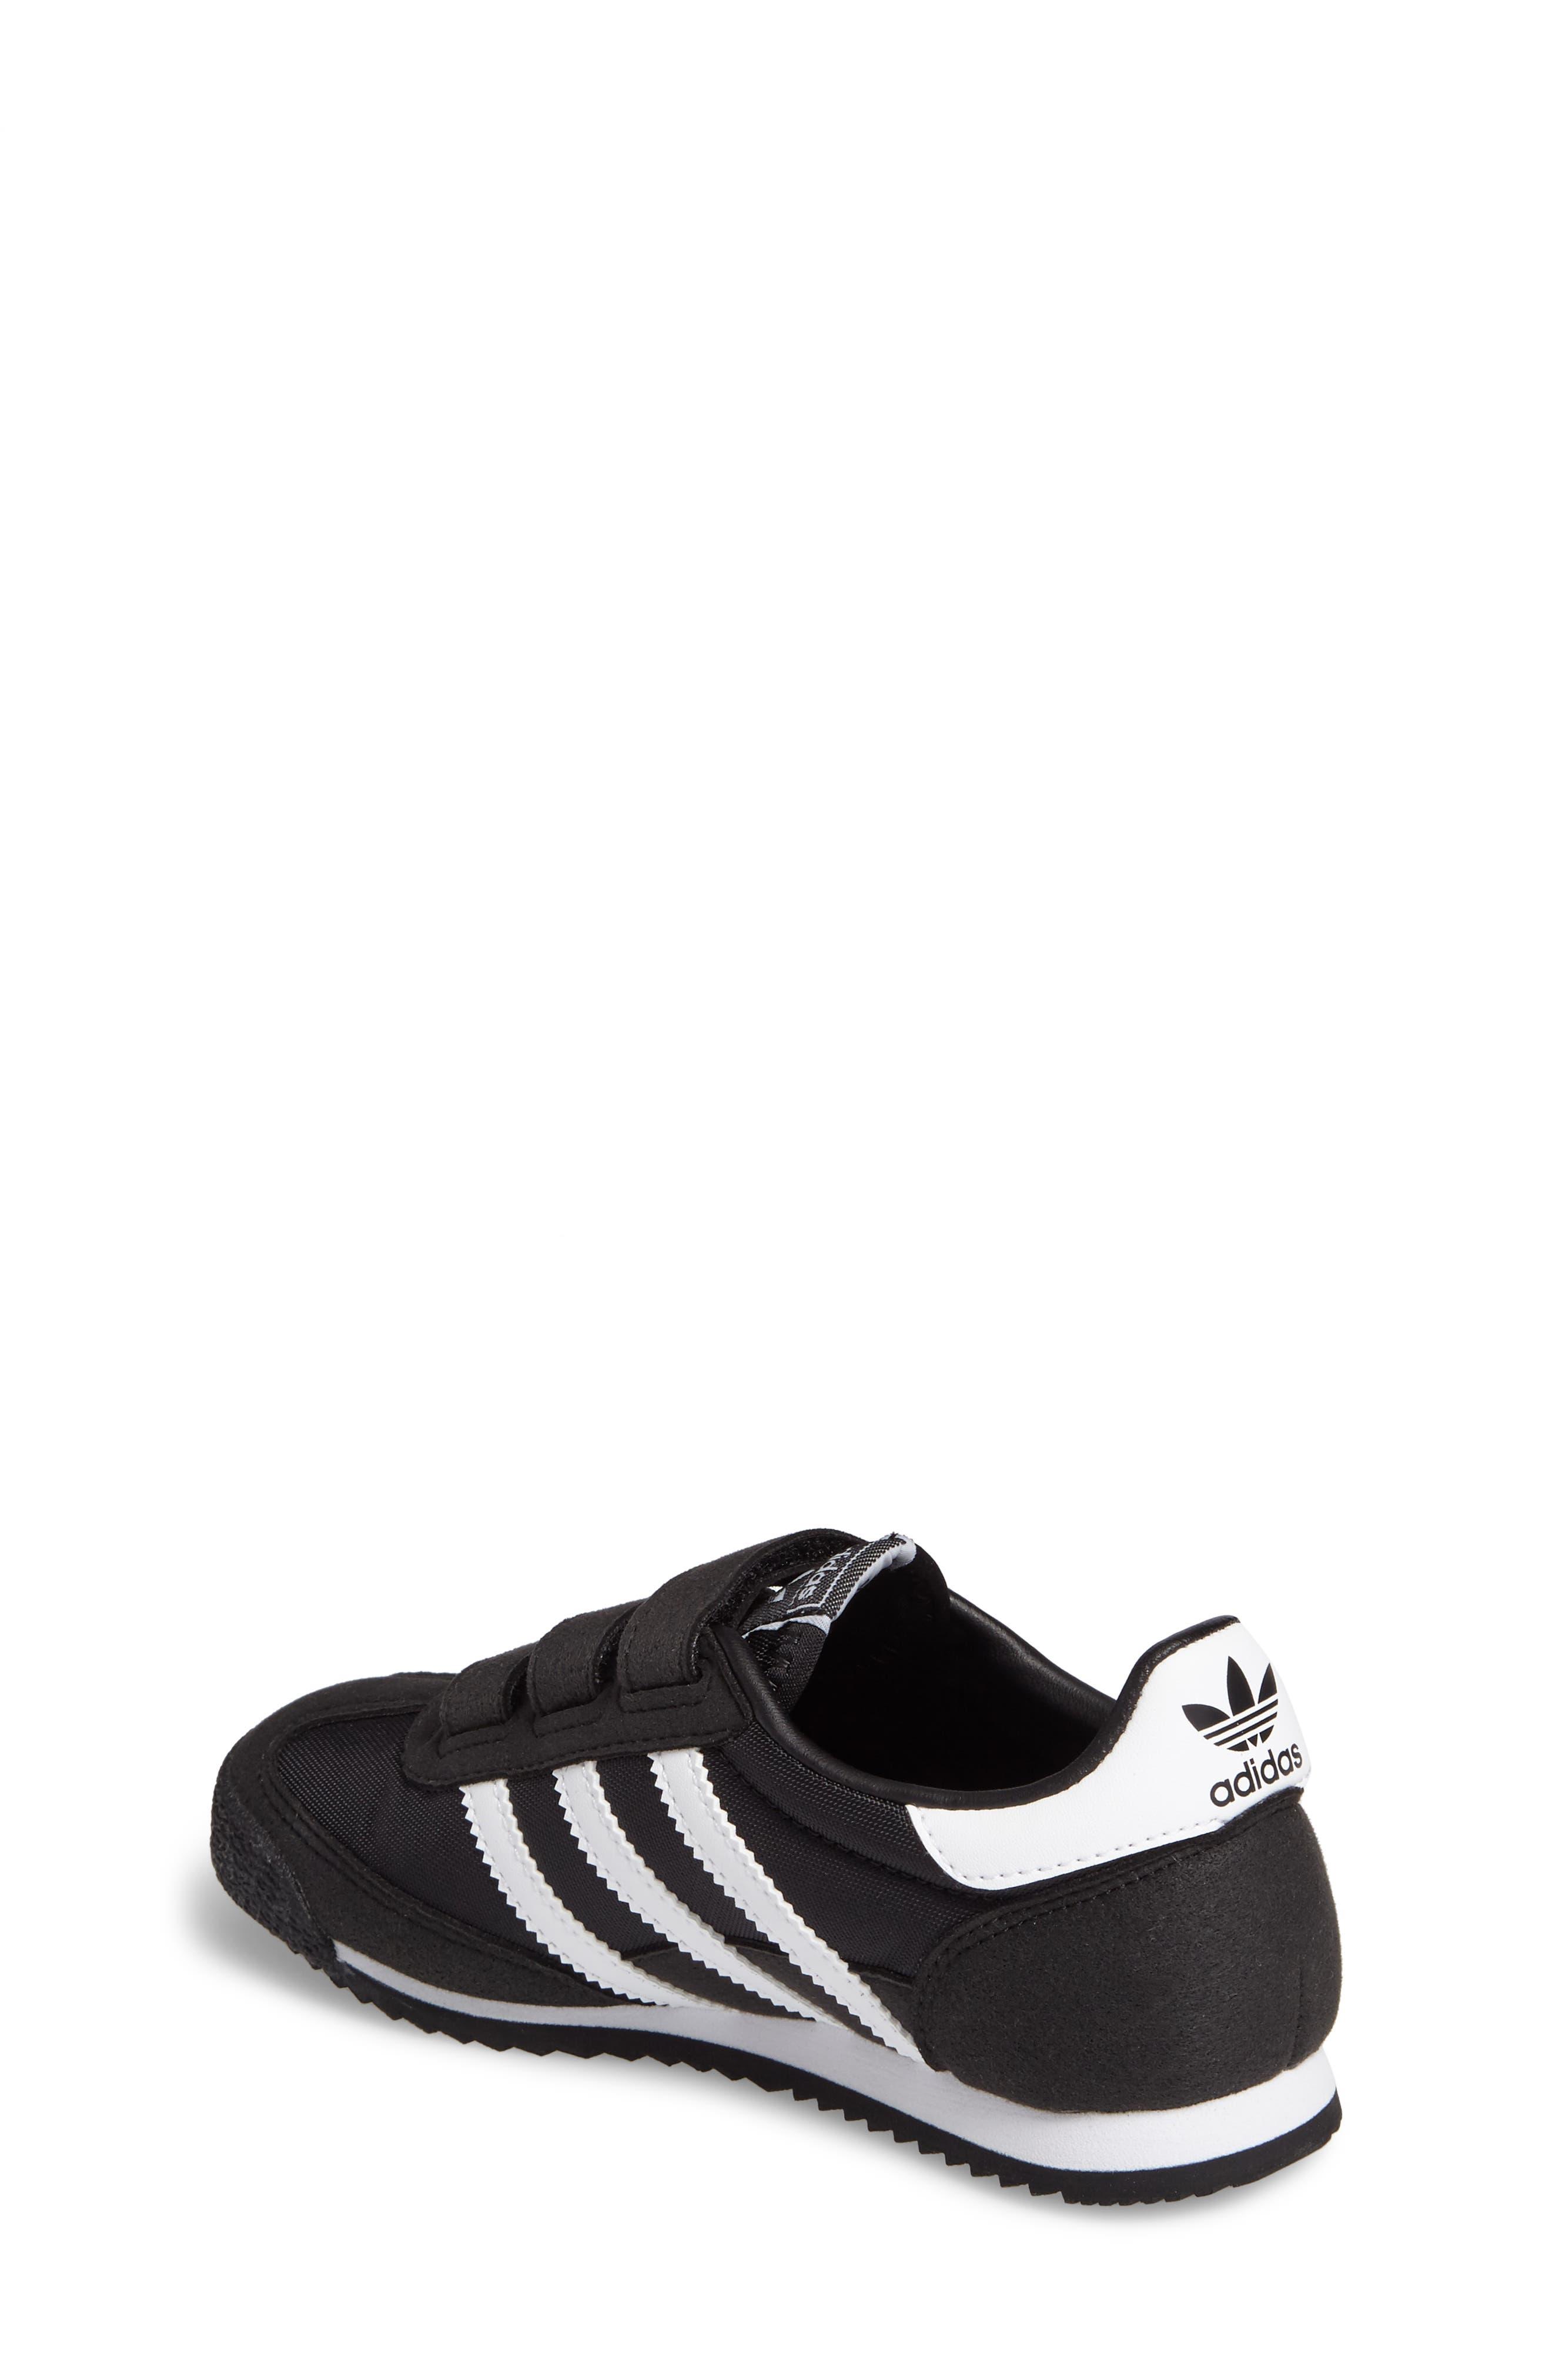 Dragon OG CF Athletic Shoe,                             Alternate thumbnail 2, color,                             Black/ White